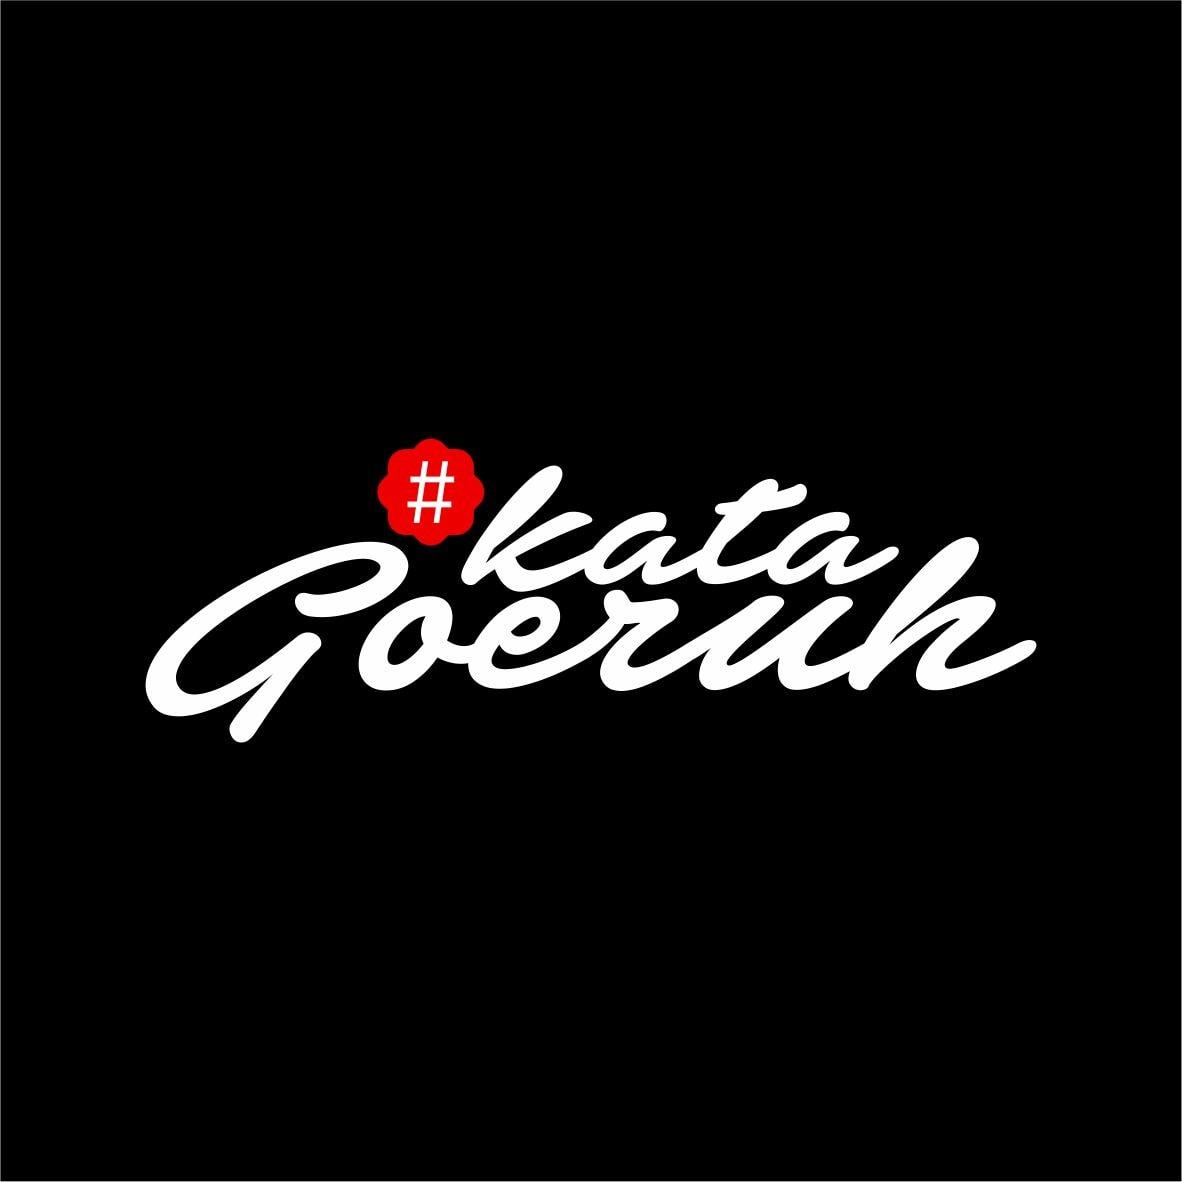 Go to Goeruh Ary's profile